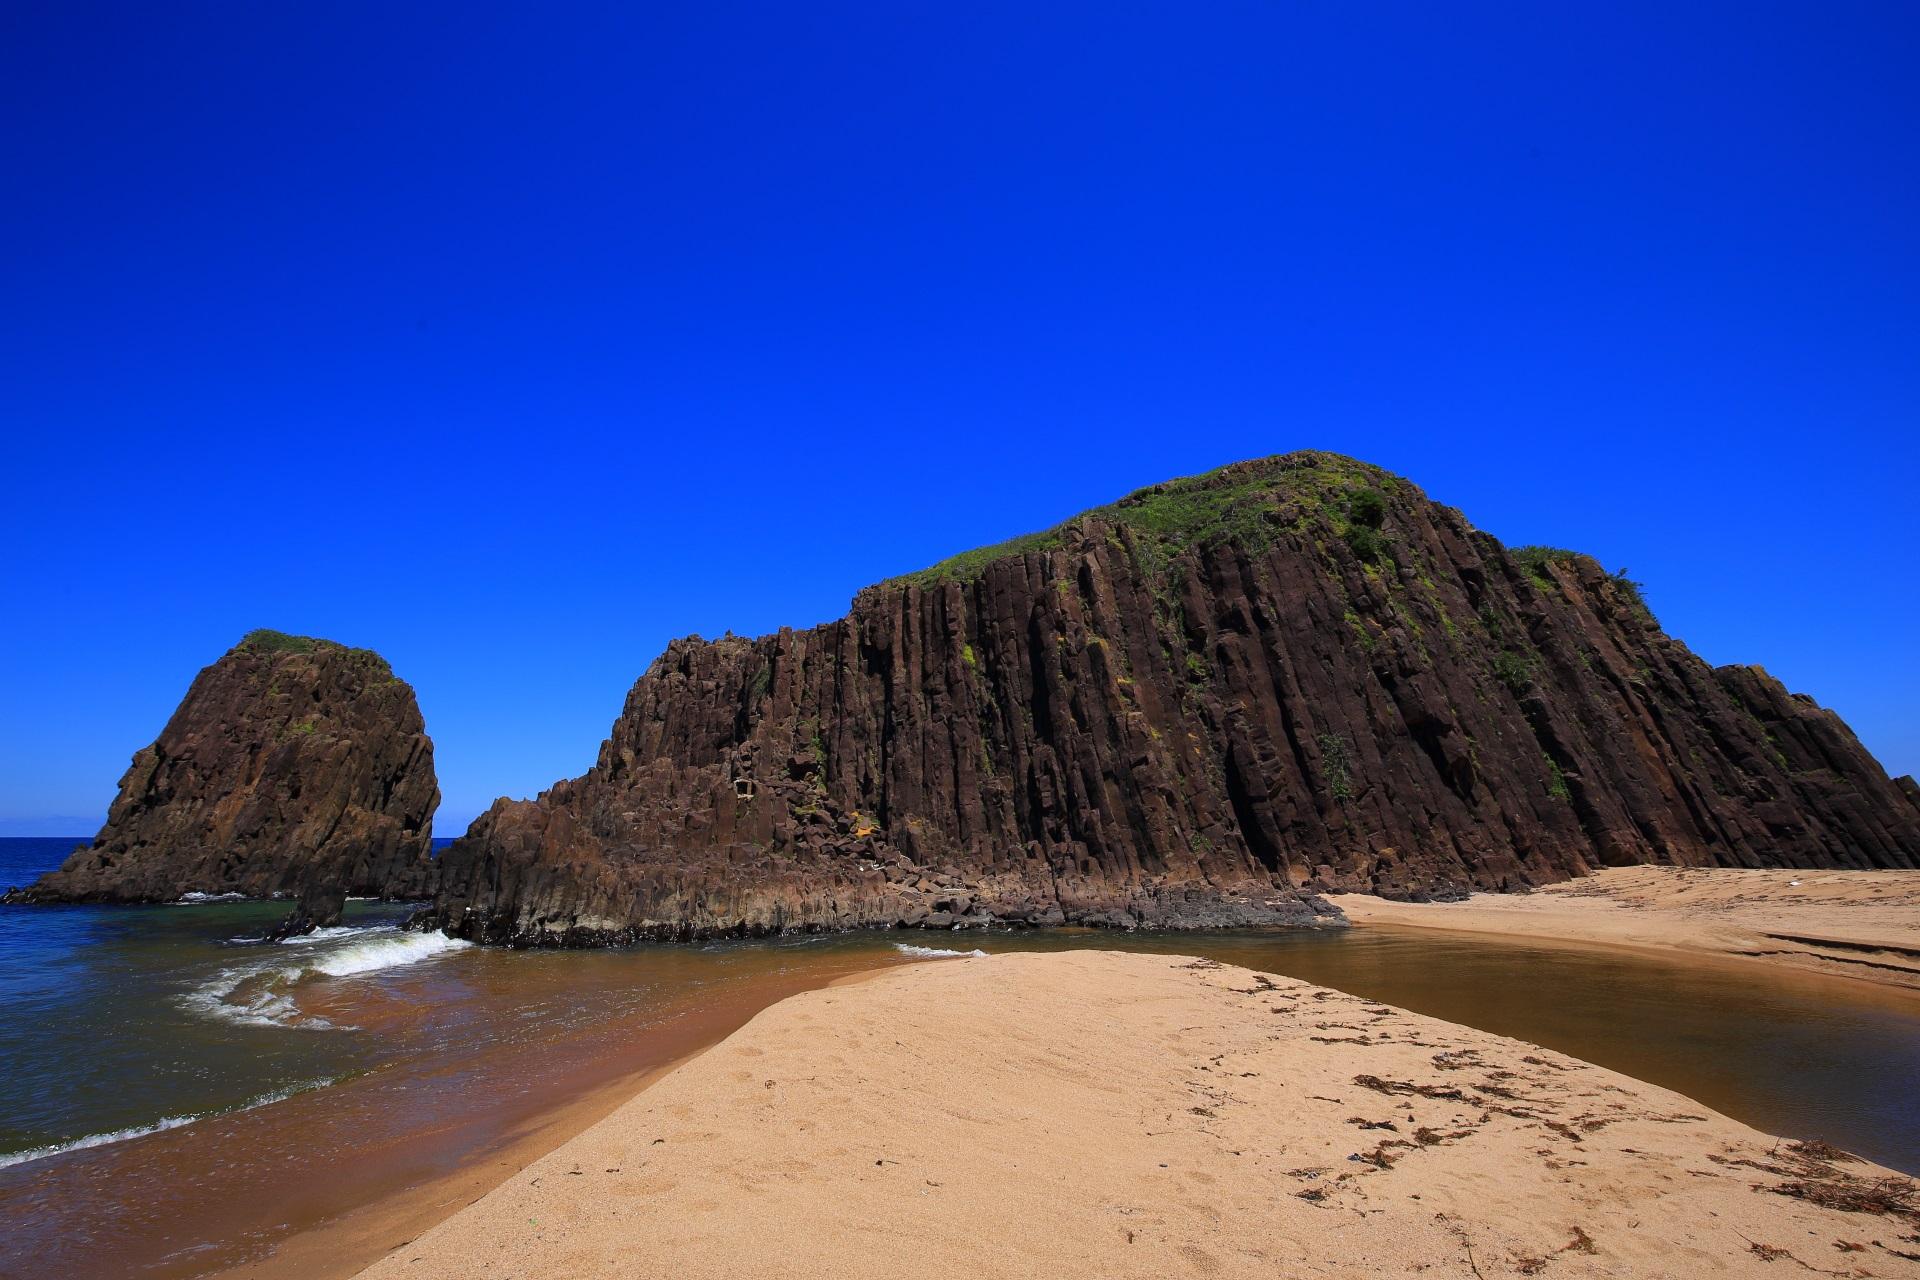 砂浜でつながっていて近くまで行ける海の京都の名所の立岩